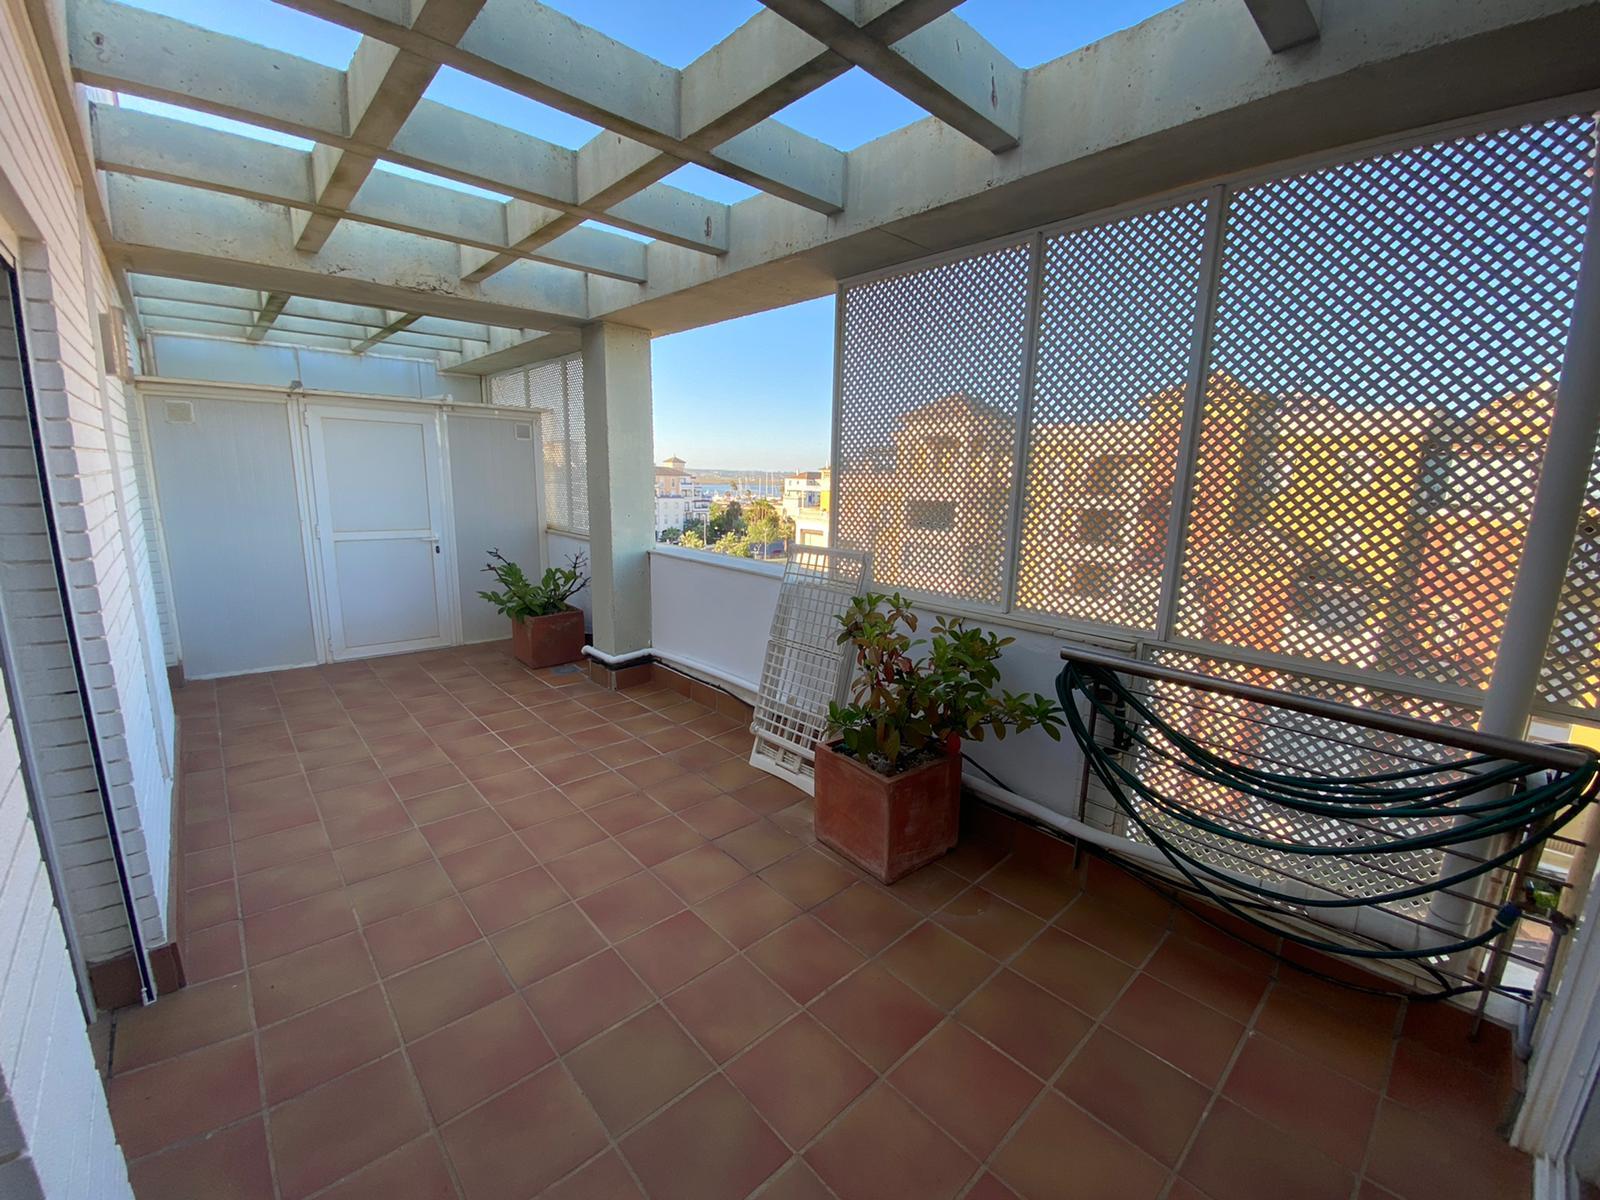 Imagen 10 del Apartamento Turístico, Ático 4 Levante, Frontal (4d+2b), Punta del Moral (HUELVA), Paseo de la Cruz nº22